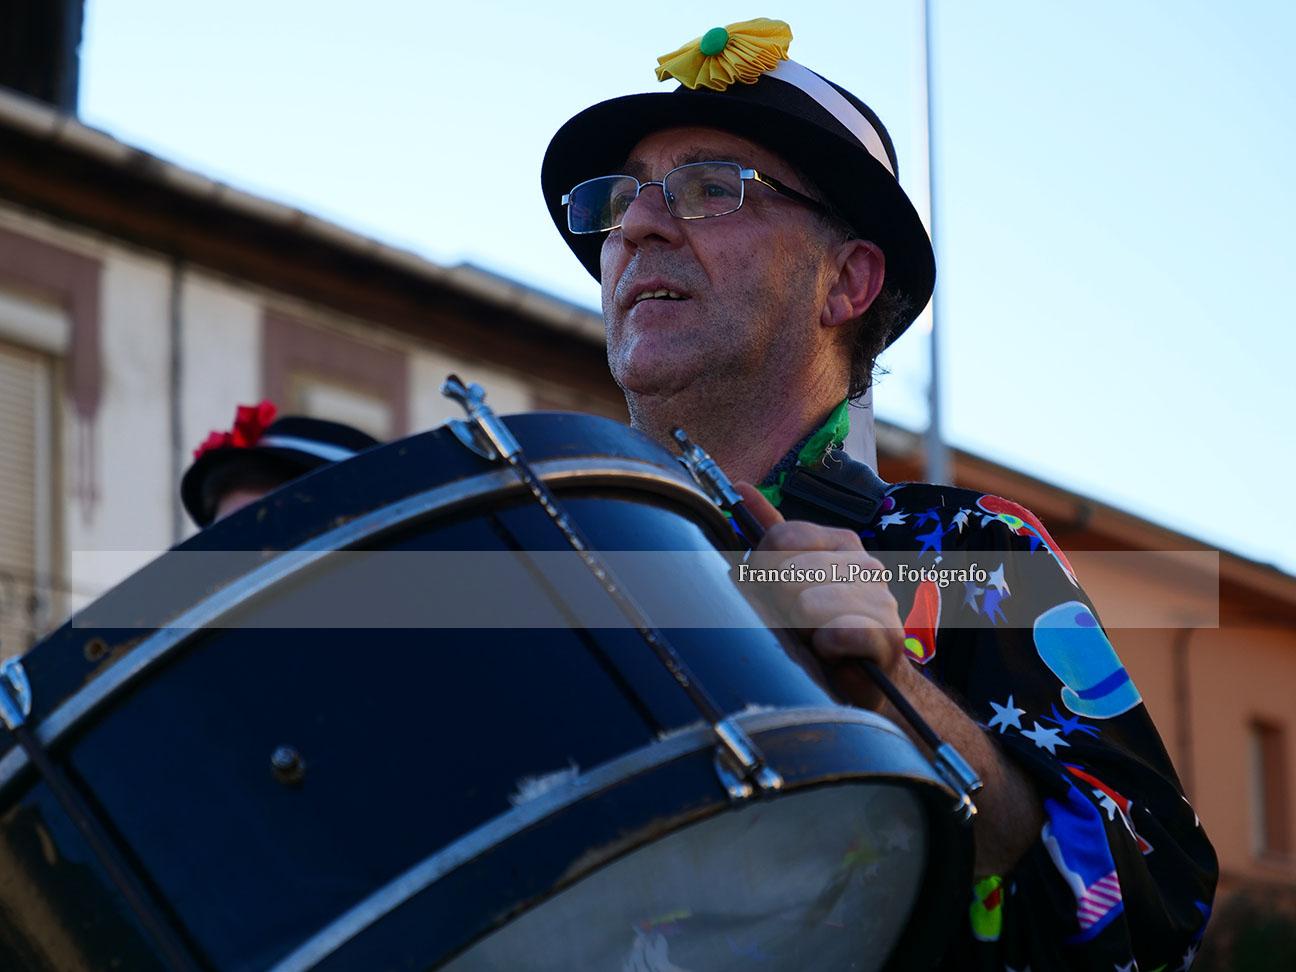 Carnaval 2020: Camponaraya sale a la calle a ritmo de comparsa 54